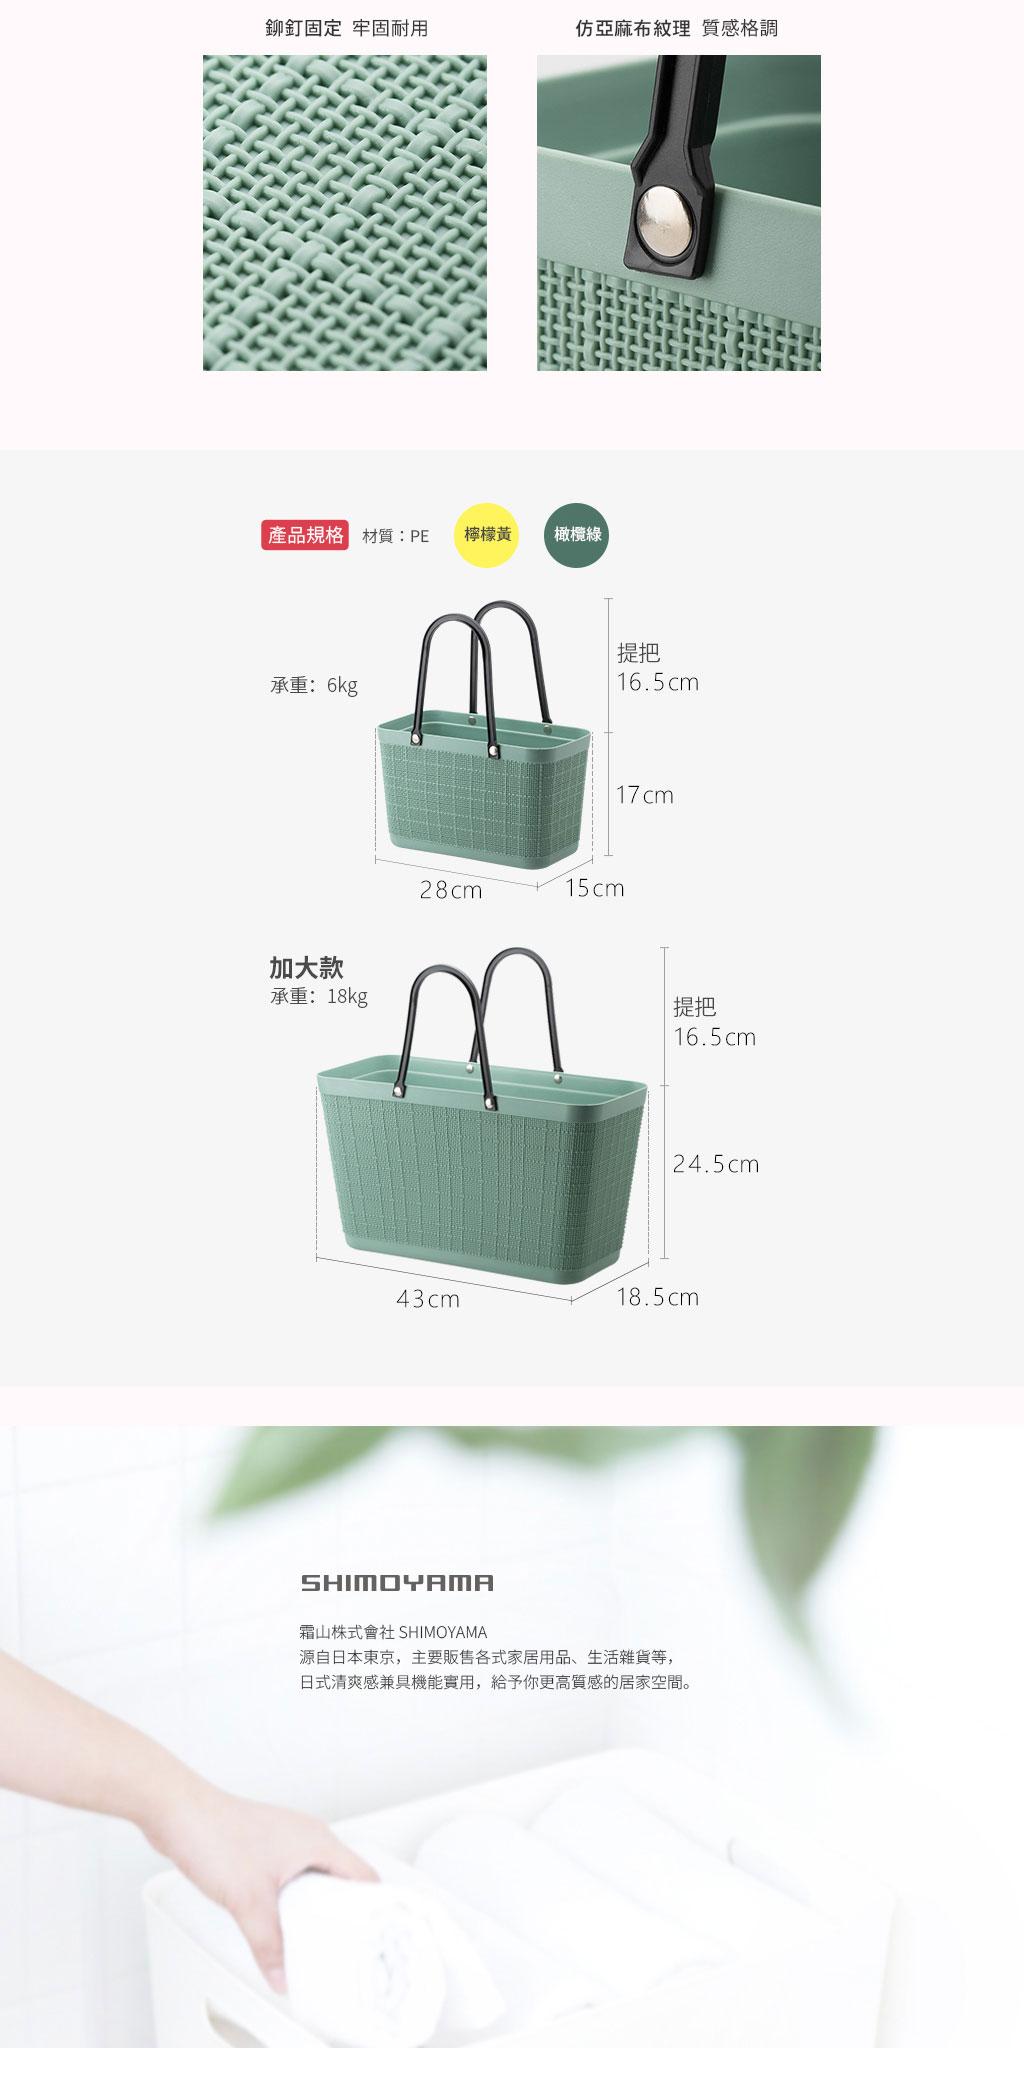 日本霜山 復古仿亞麻布格紋萬用防水便攜手提籃 (加大款)